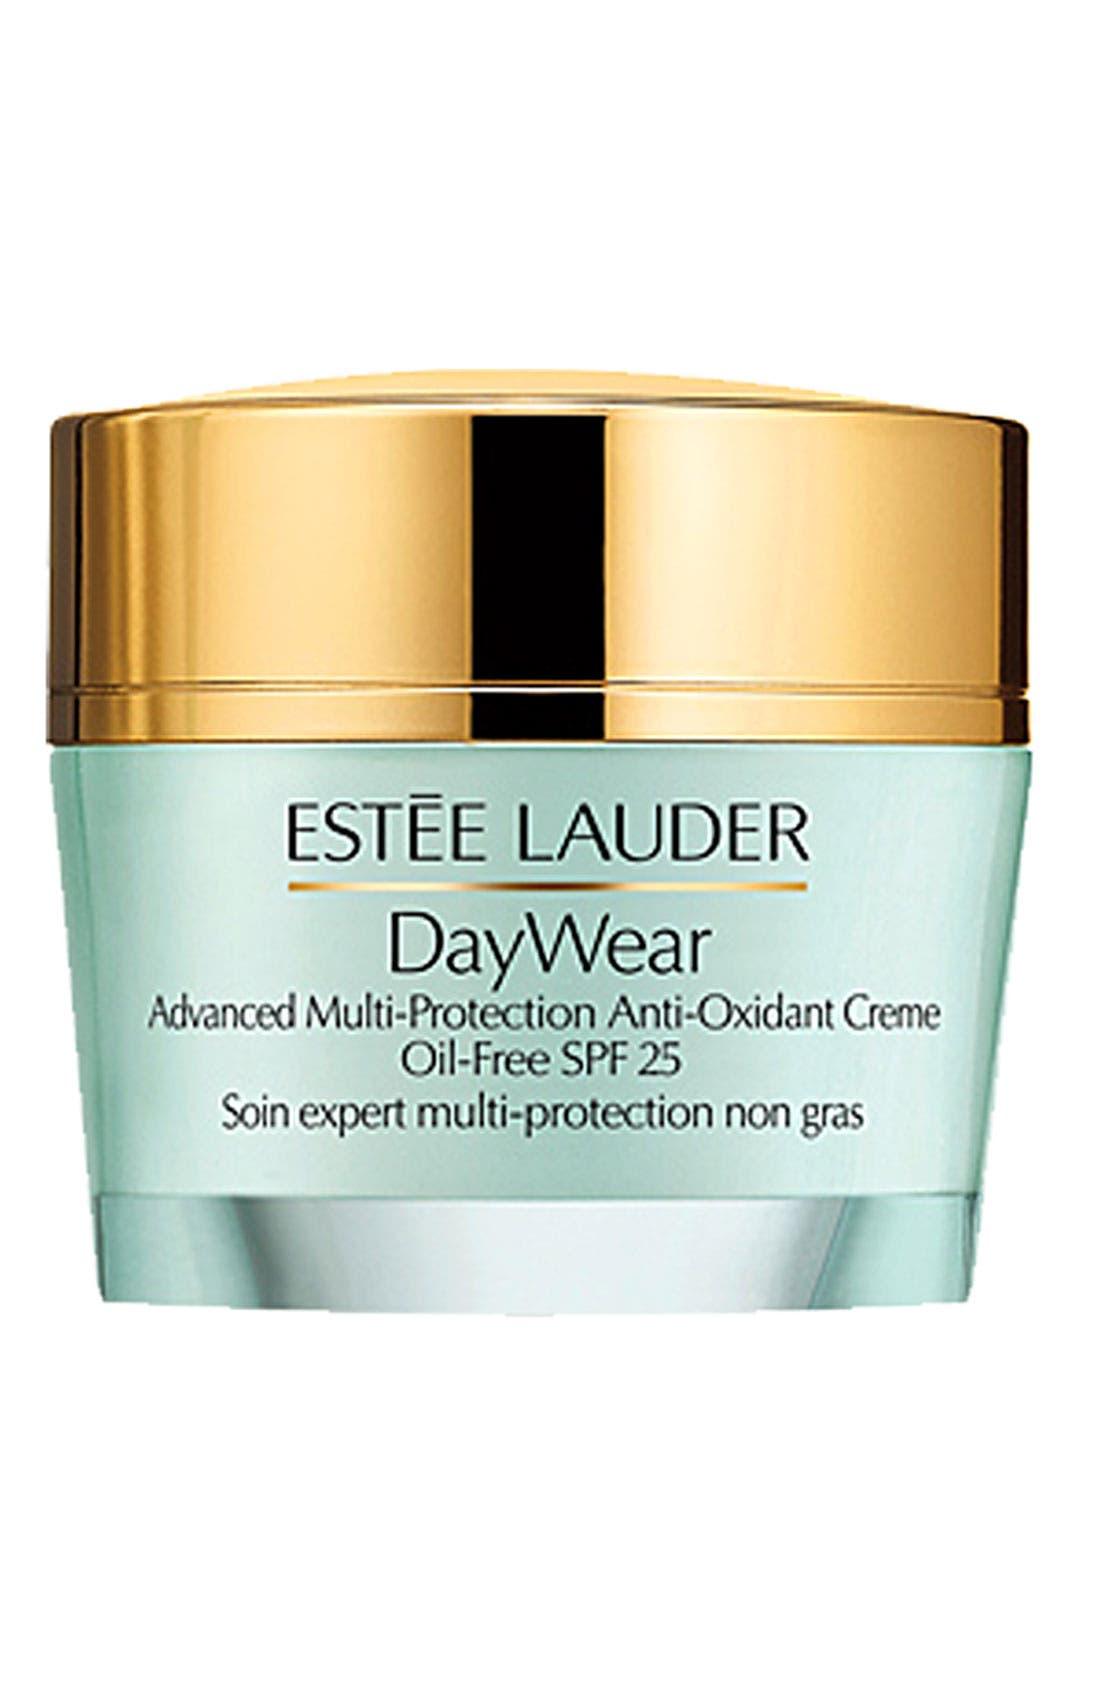 Estée Lauder DayWear Multi-Protection 24H-Moisture Crème Oil-Free SPF 25